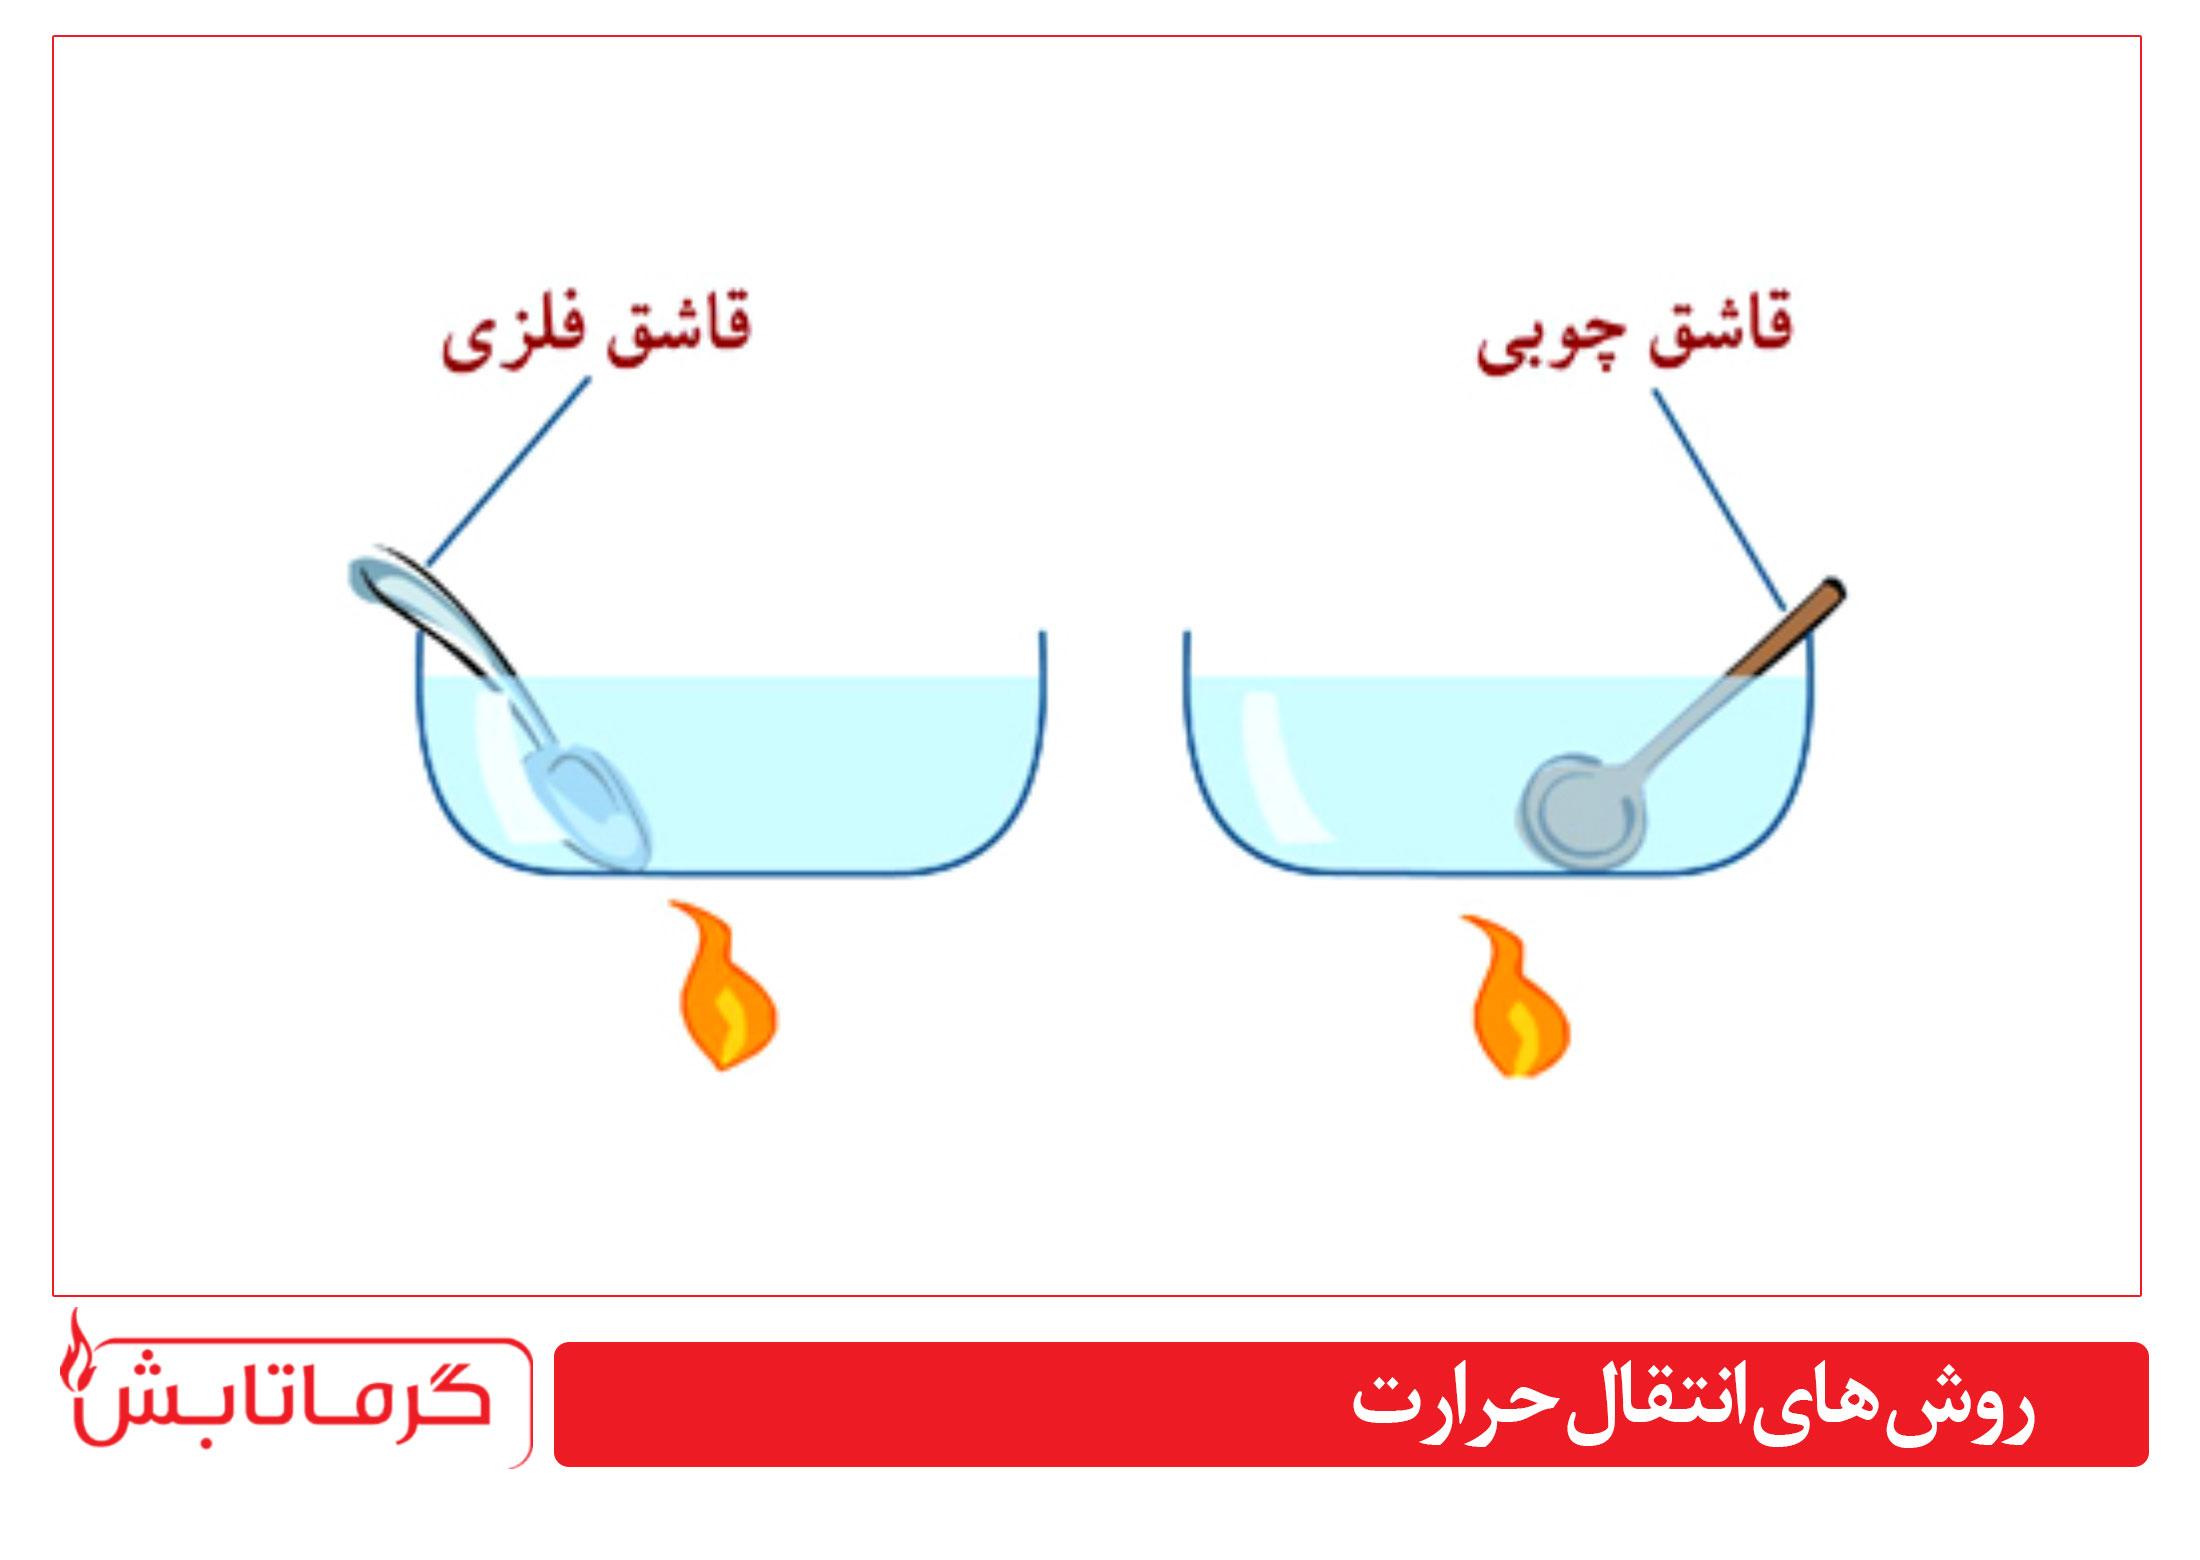 انتقال گرما رسانش